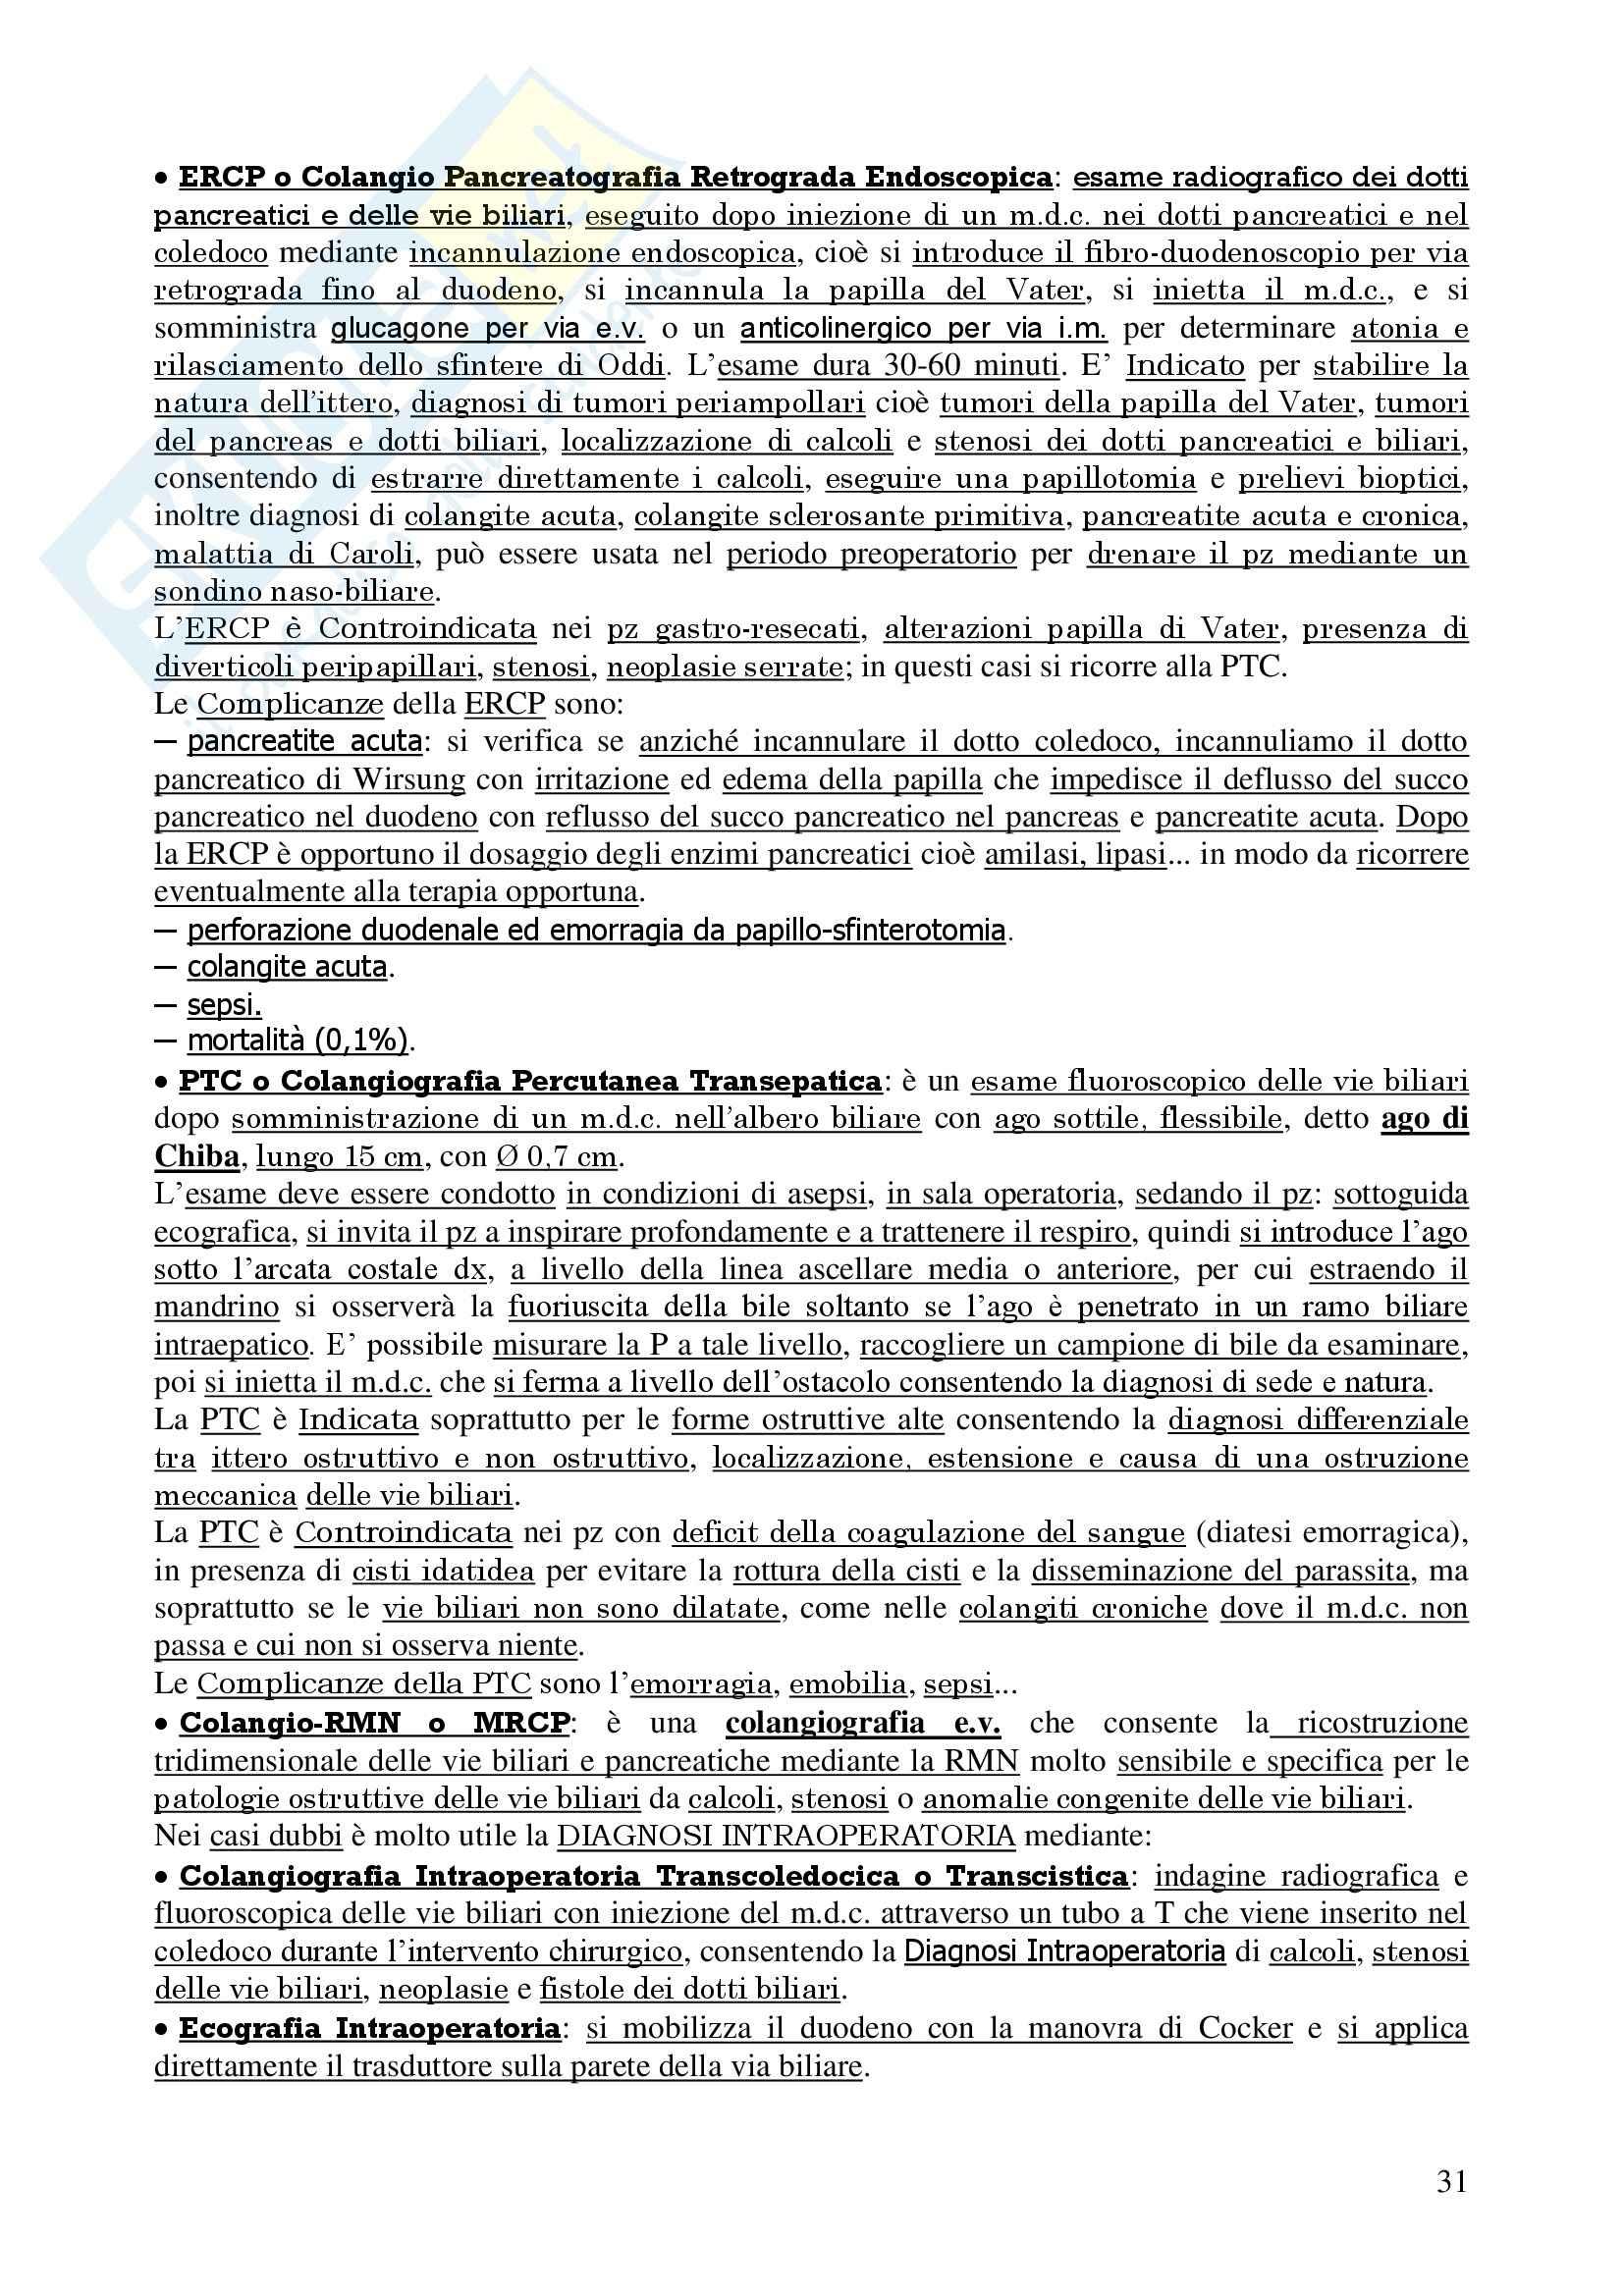 Chirurgia - chirurgia generale - Appunti Pag. 31